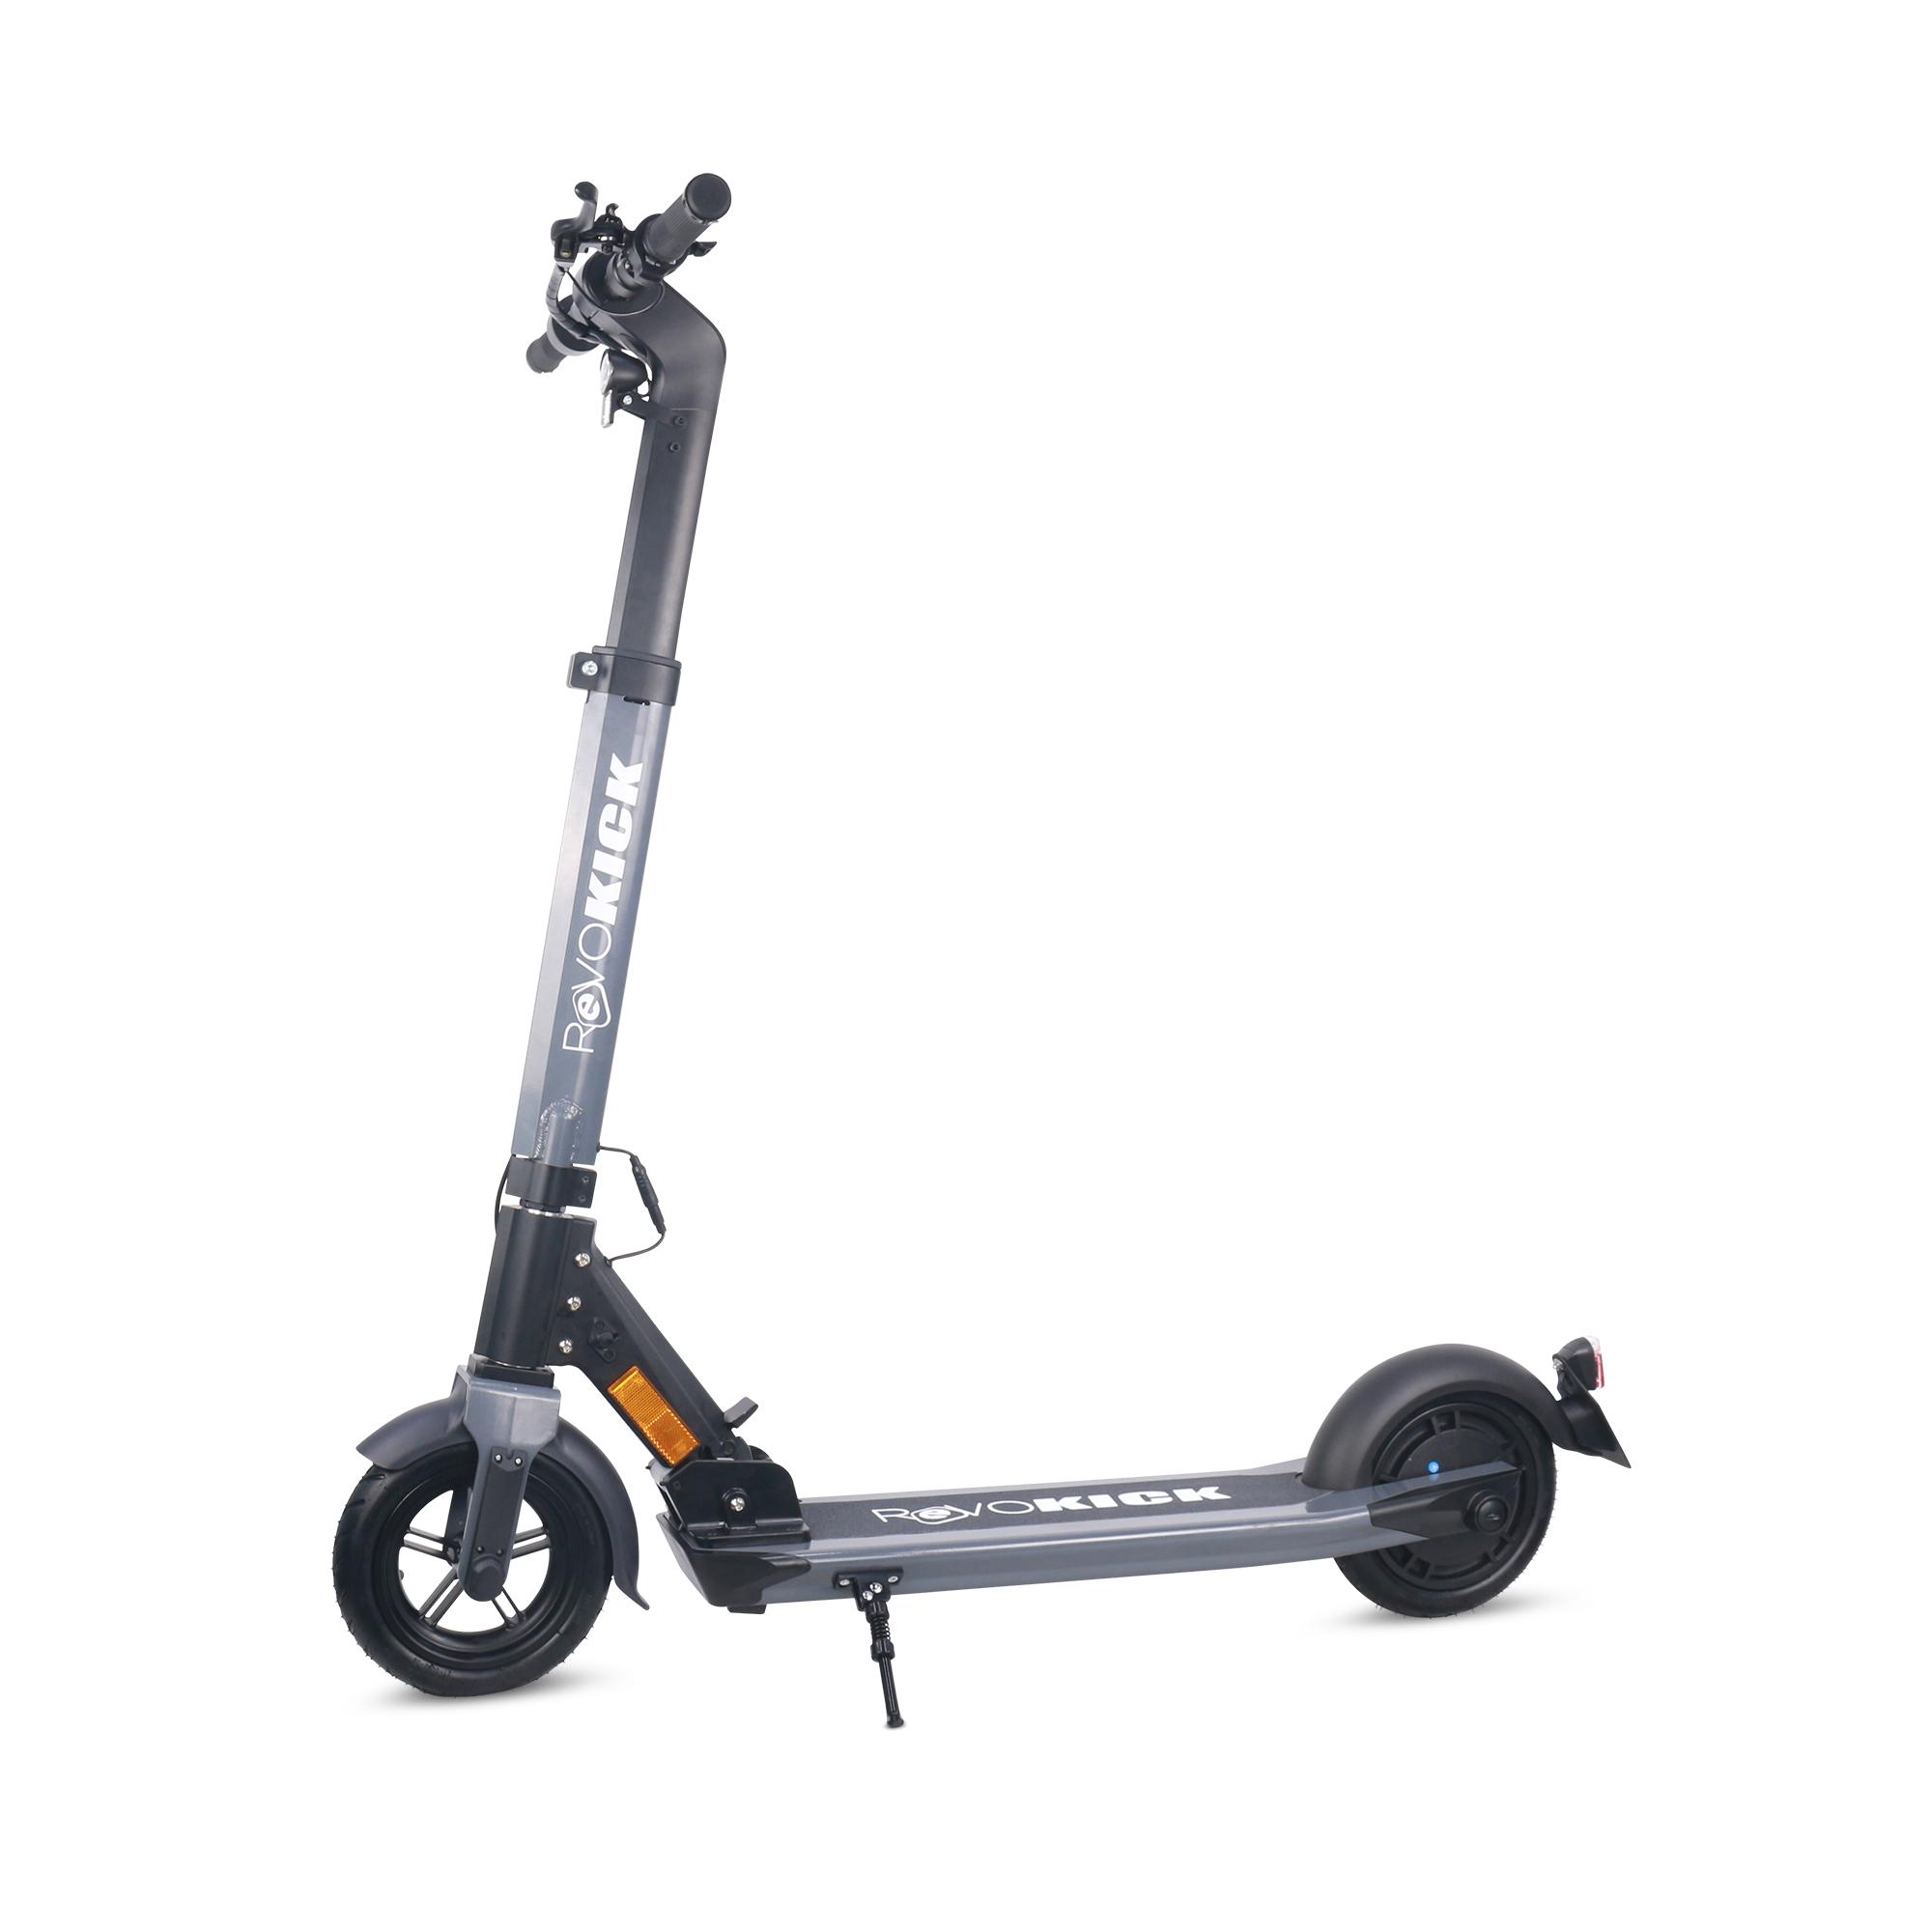 E-Scooter REVOKICK S2 8AH mit Zulassung